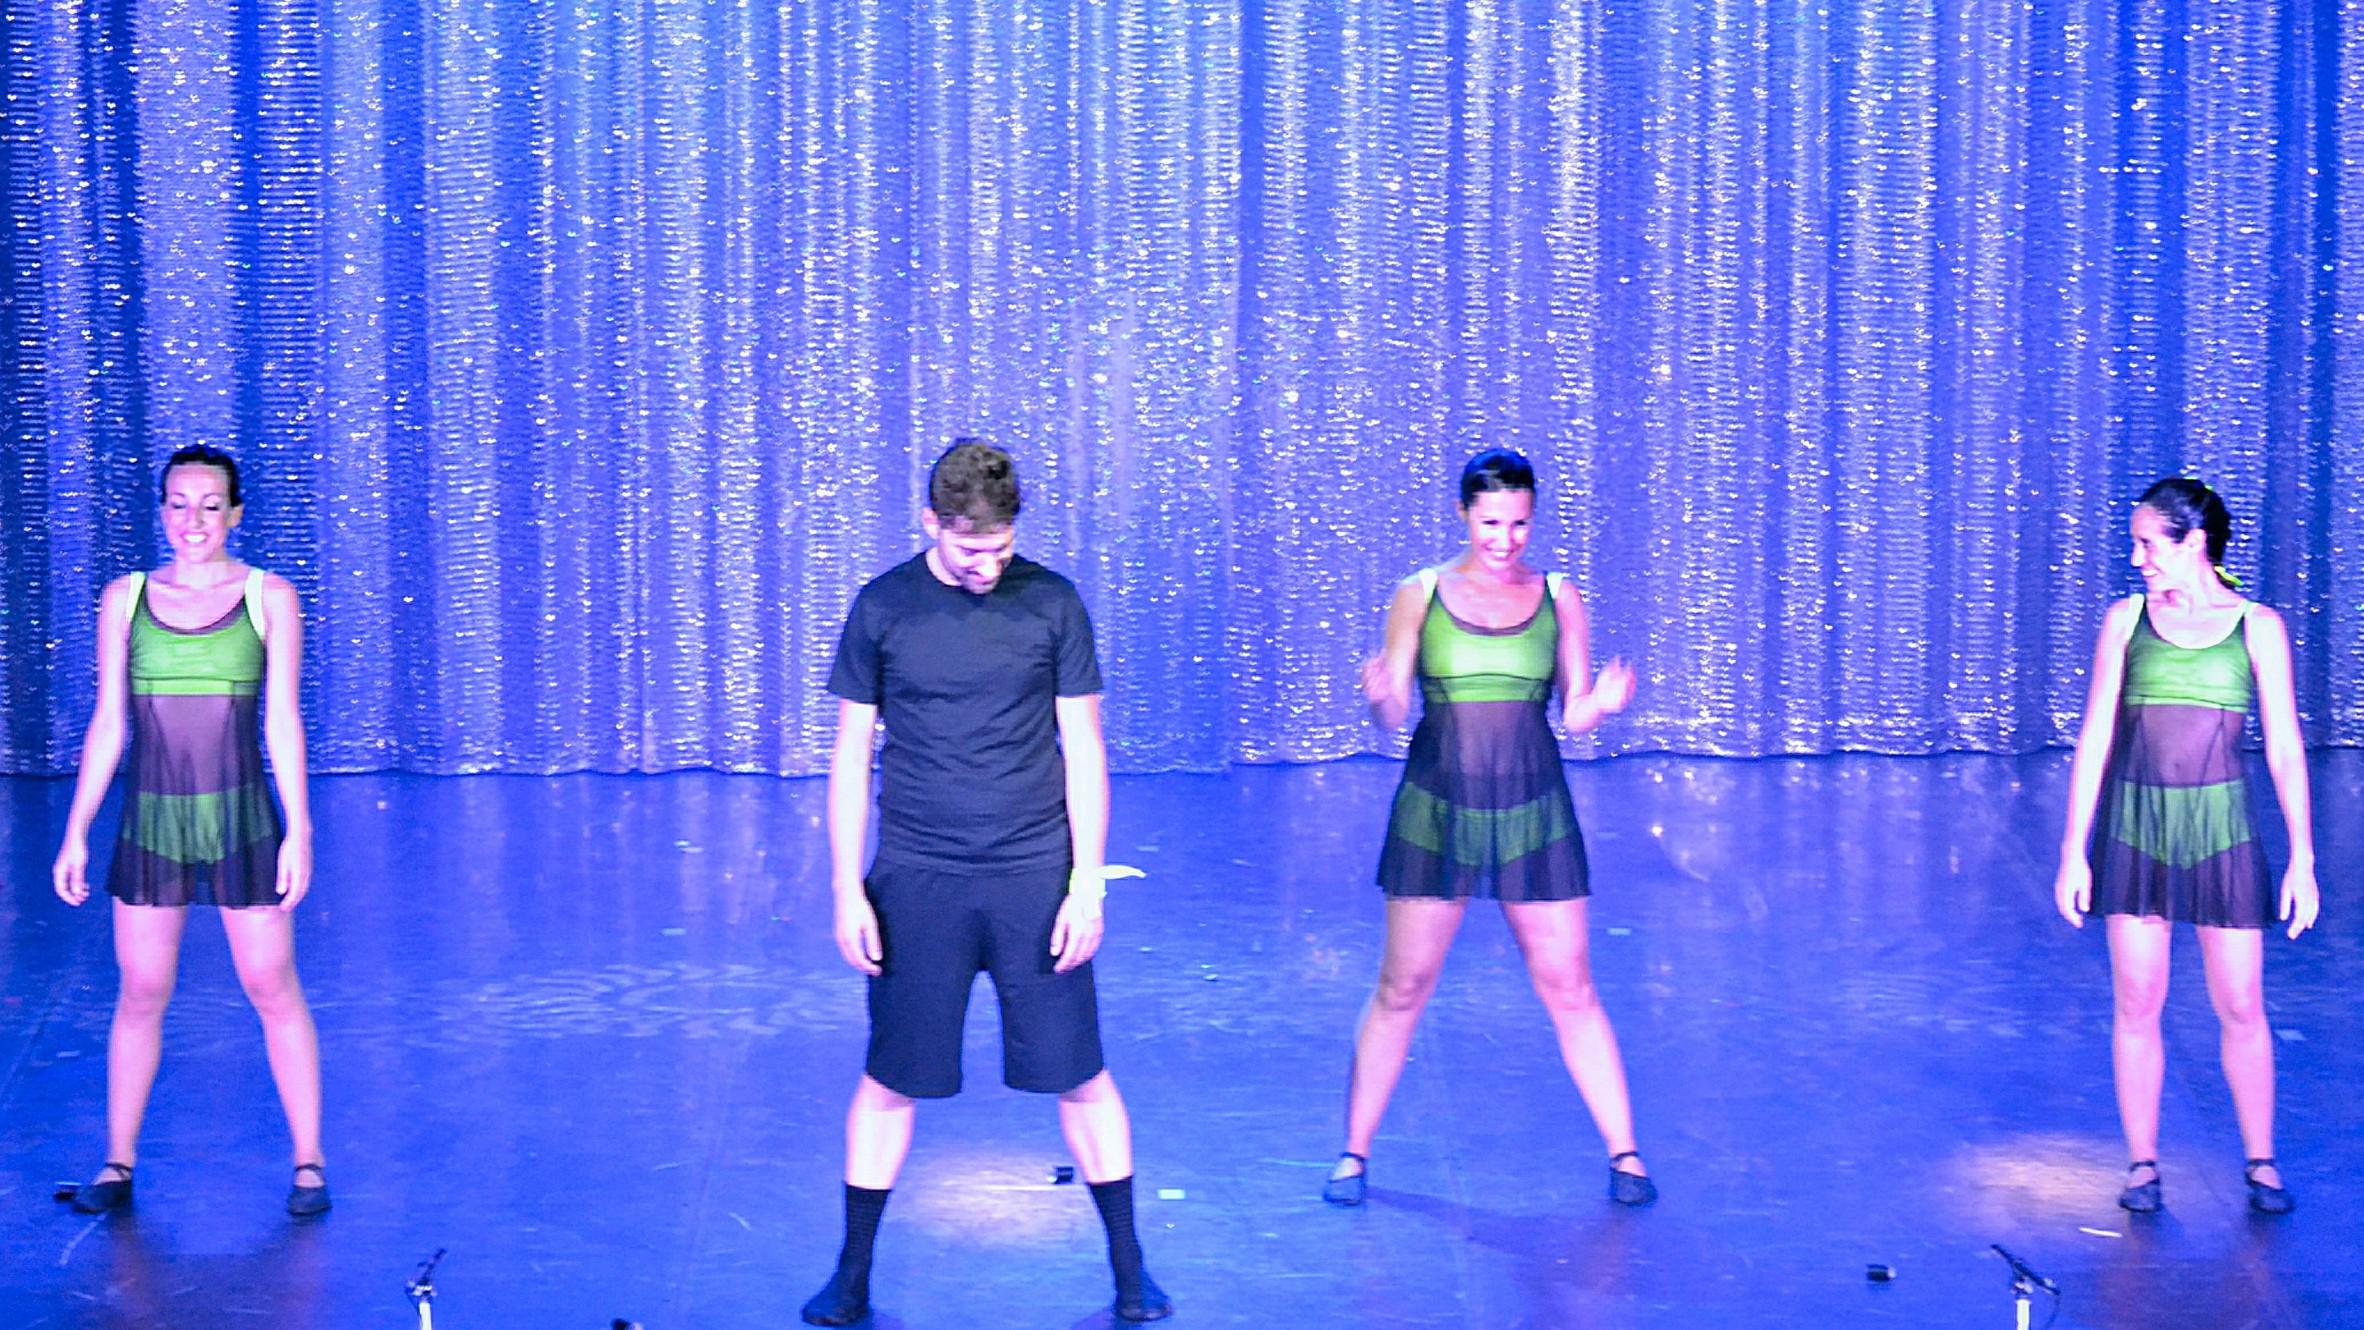 Linea-de-Baile-festival-verano-2015-clases-de-baile-valencia-53